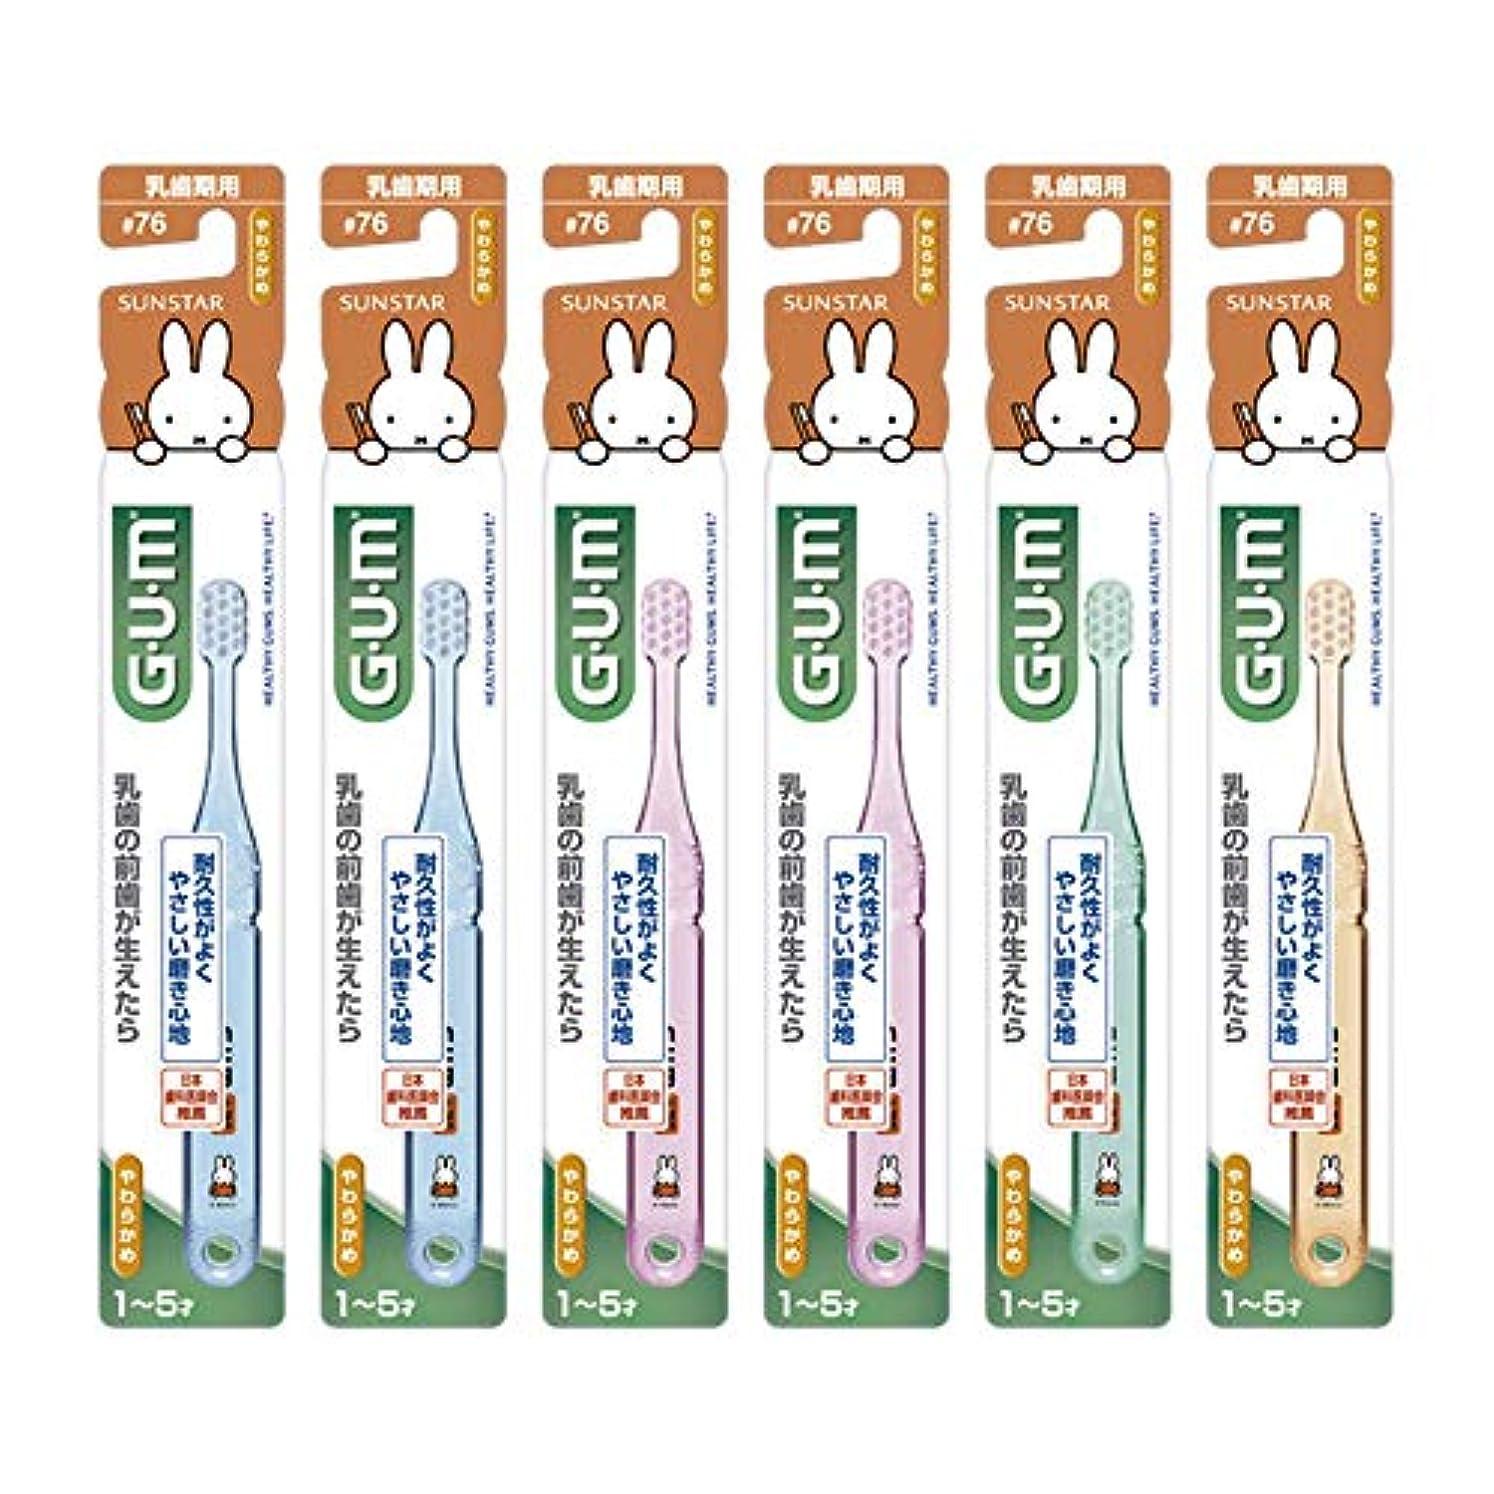 マークされたトレイル信頼性のあるGUM(ガム) デンタル こども 歯ブラシ #76 [乳歯期用/やわらかめ] 6本パック+ おまけつき【Amazon.co.jp限定】